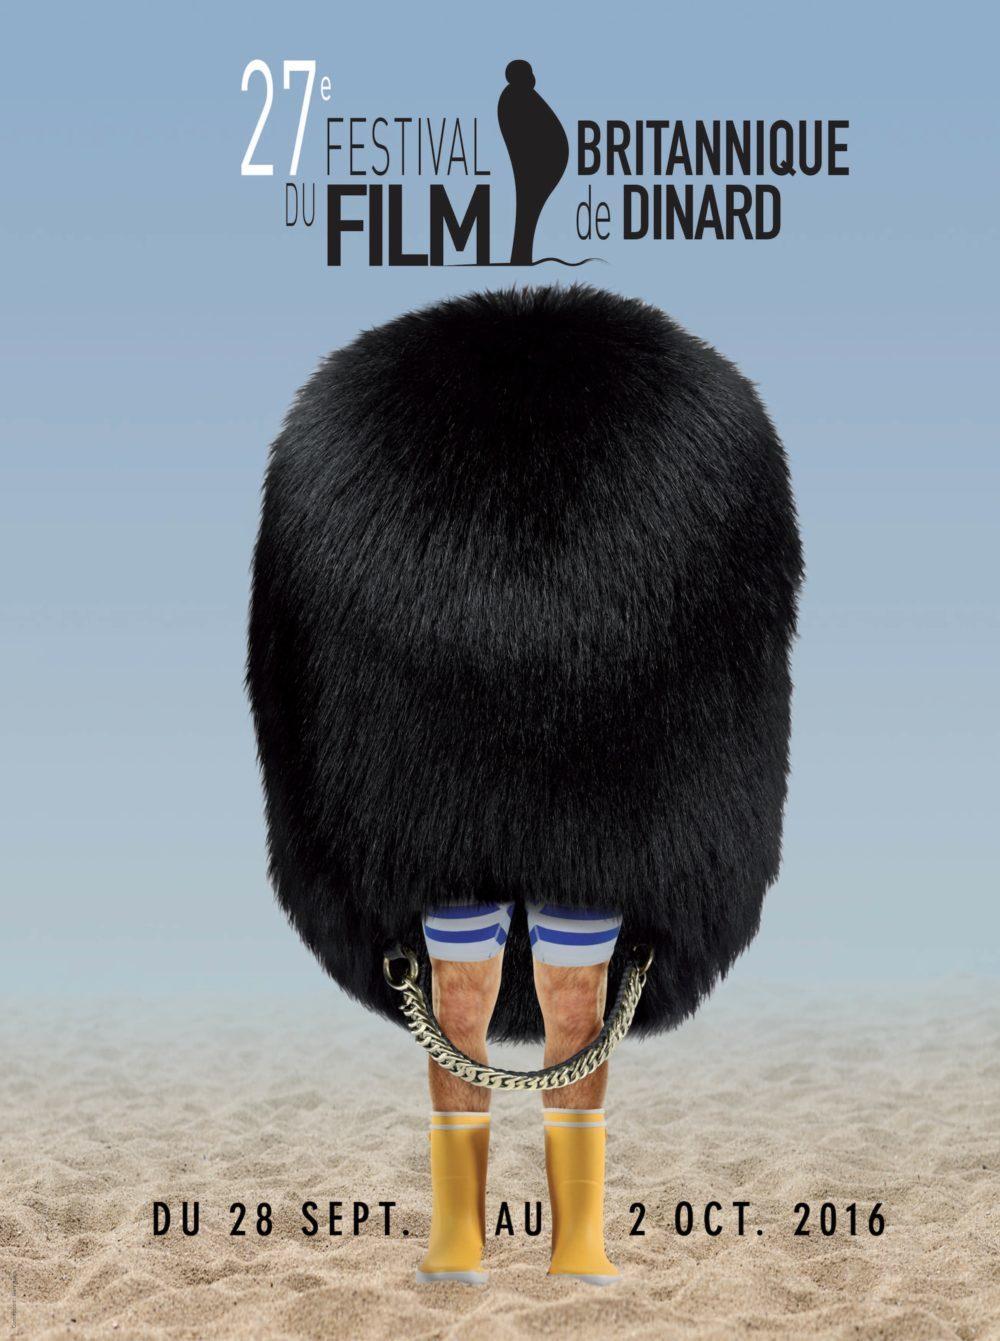 Affiche de la 27ème édition du Festival du Film de Dinard